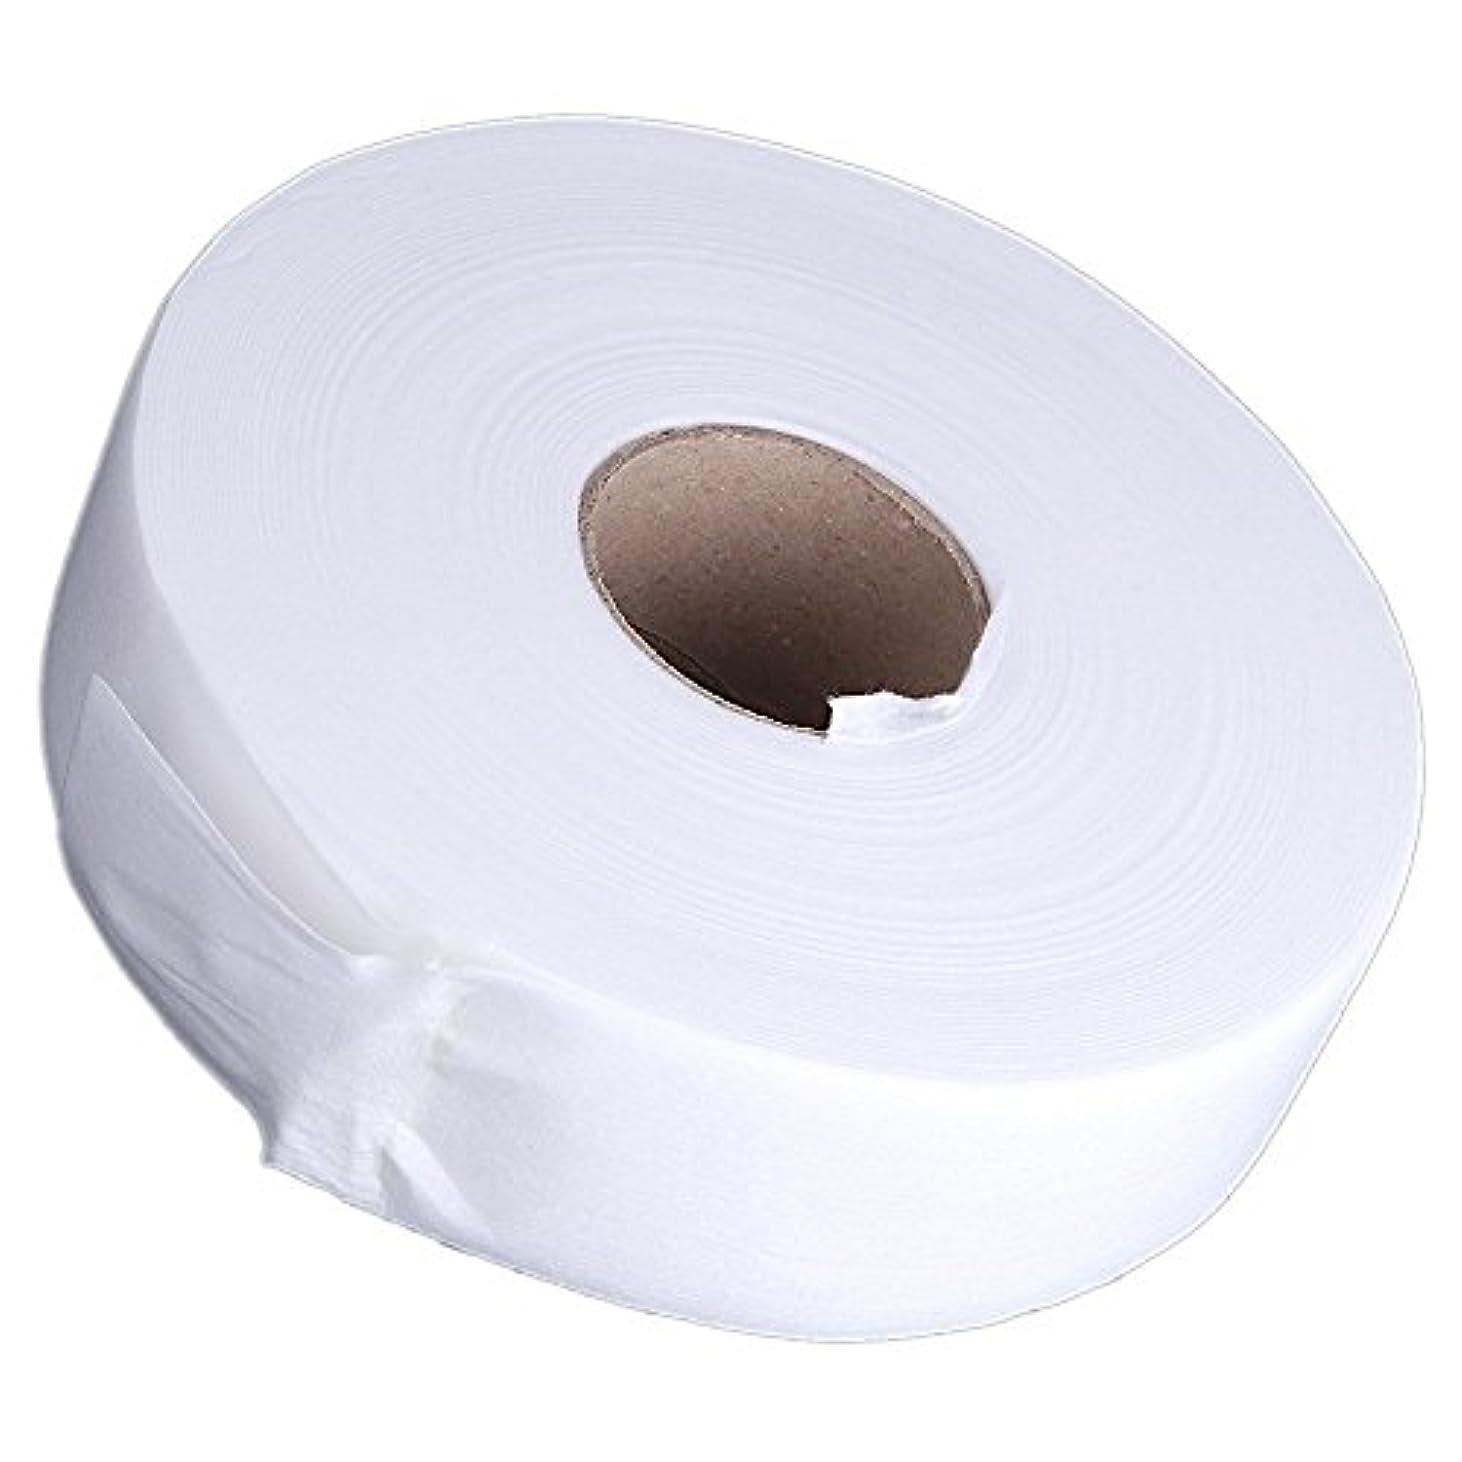 瞬時にカテゴリー染料ACAMPTAR 100ヤードの脱毛紙脱毛ワックスストリップ 不織布ペーパーワックスロール(白)